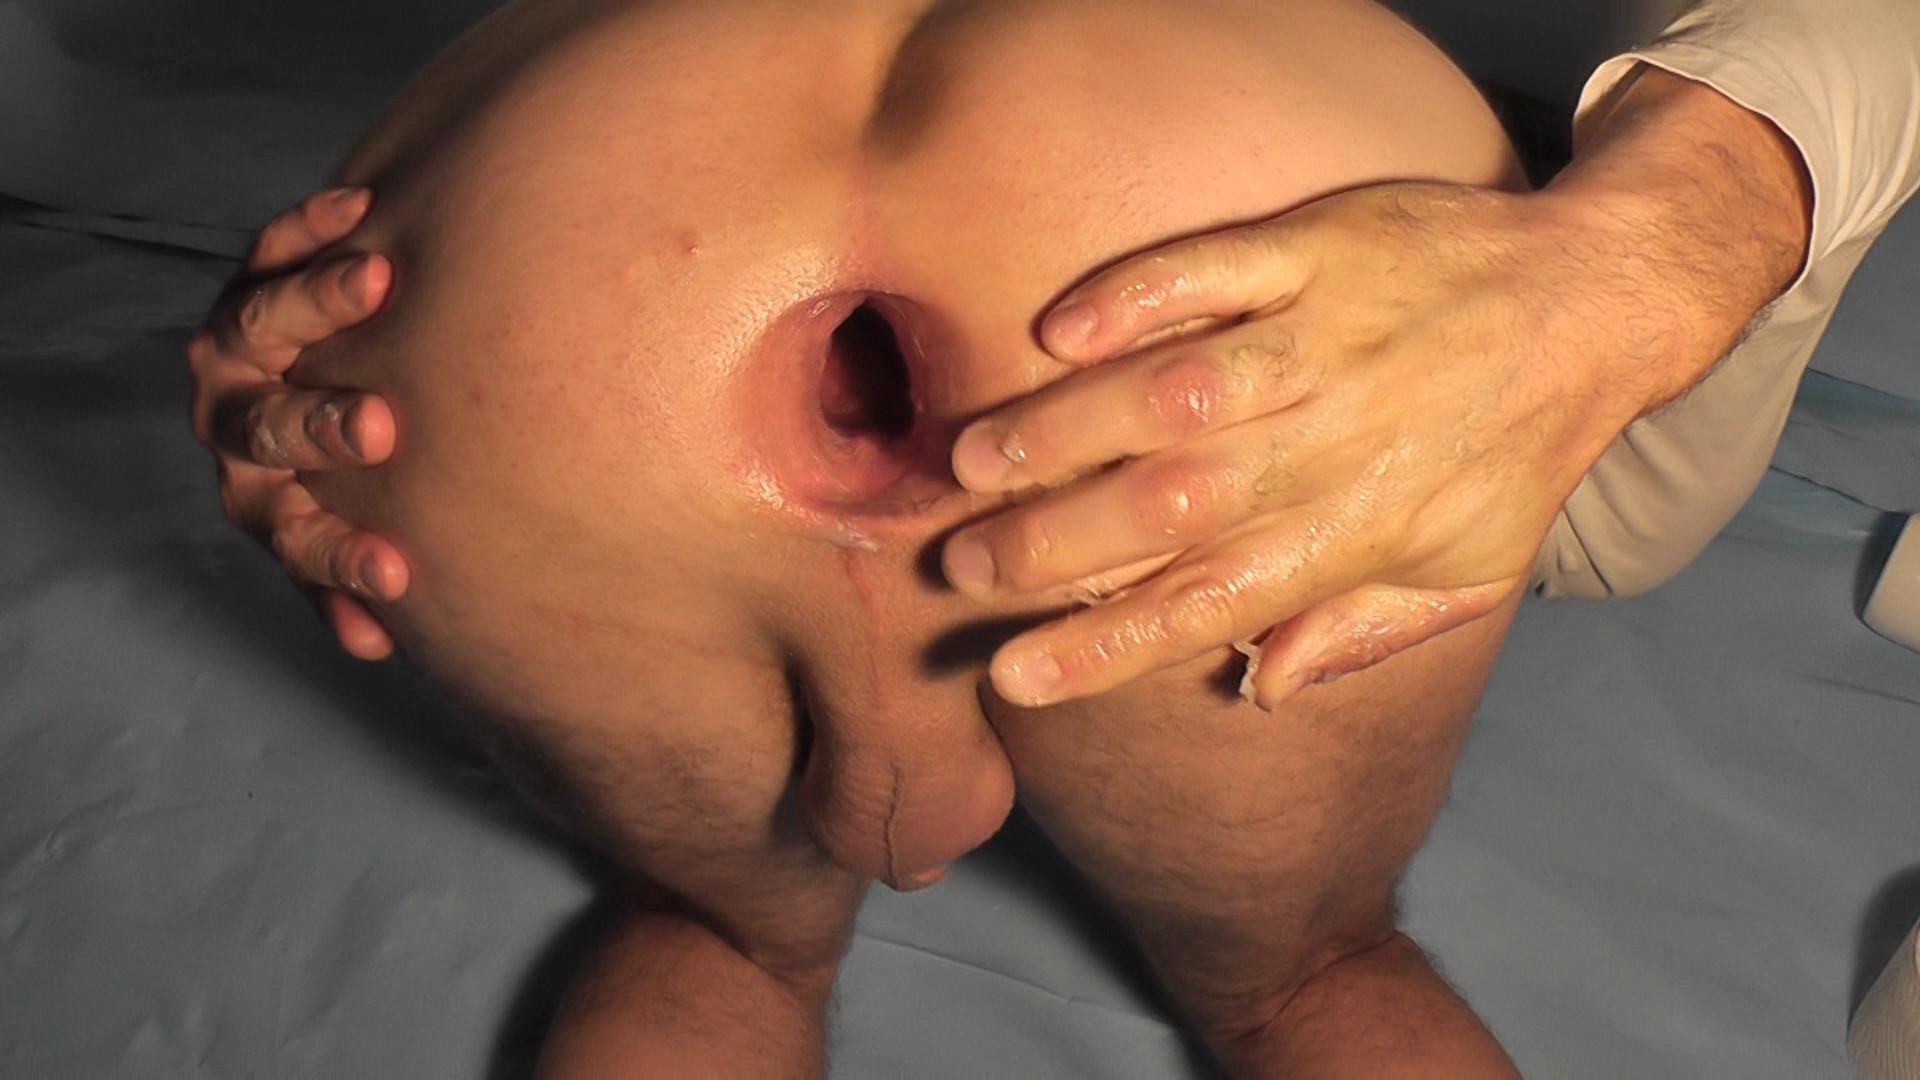 Busty pov blowjob tits